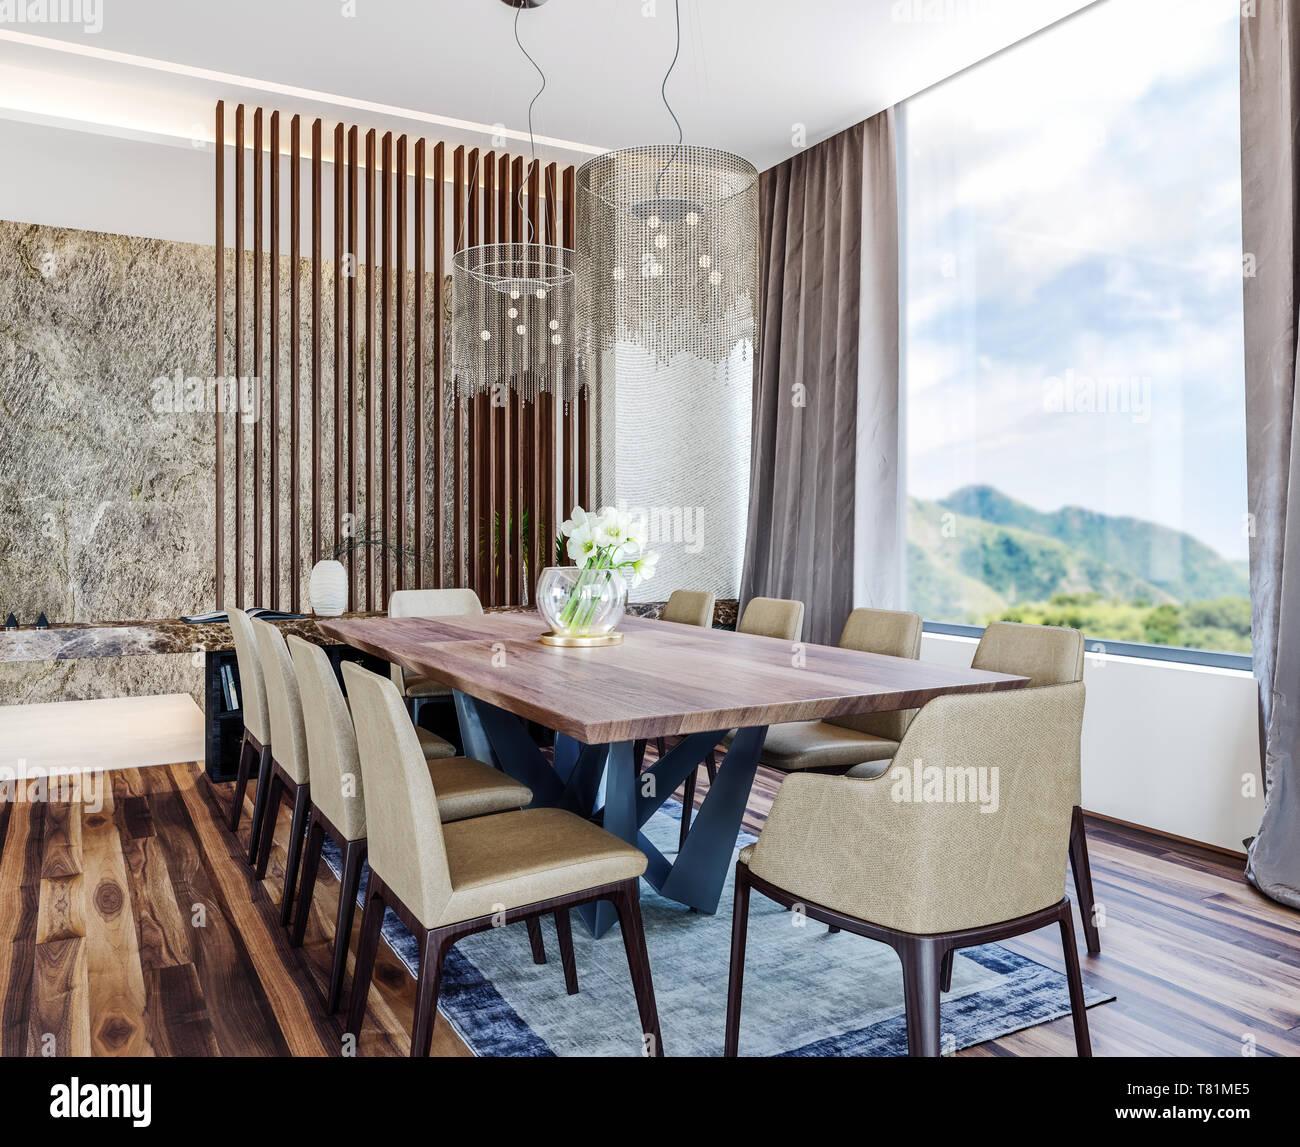 Modern Italian Interior Design Of Contemporary Dining Room